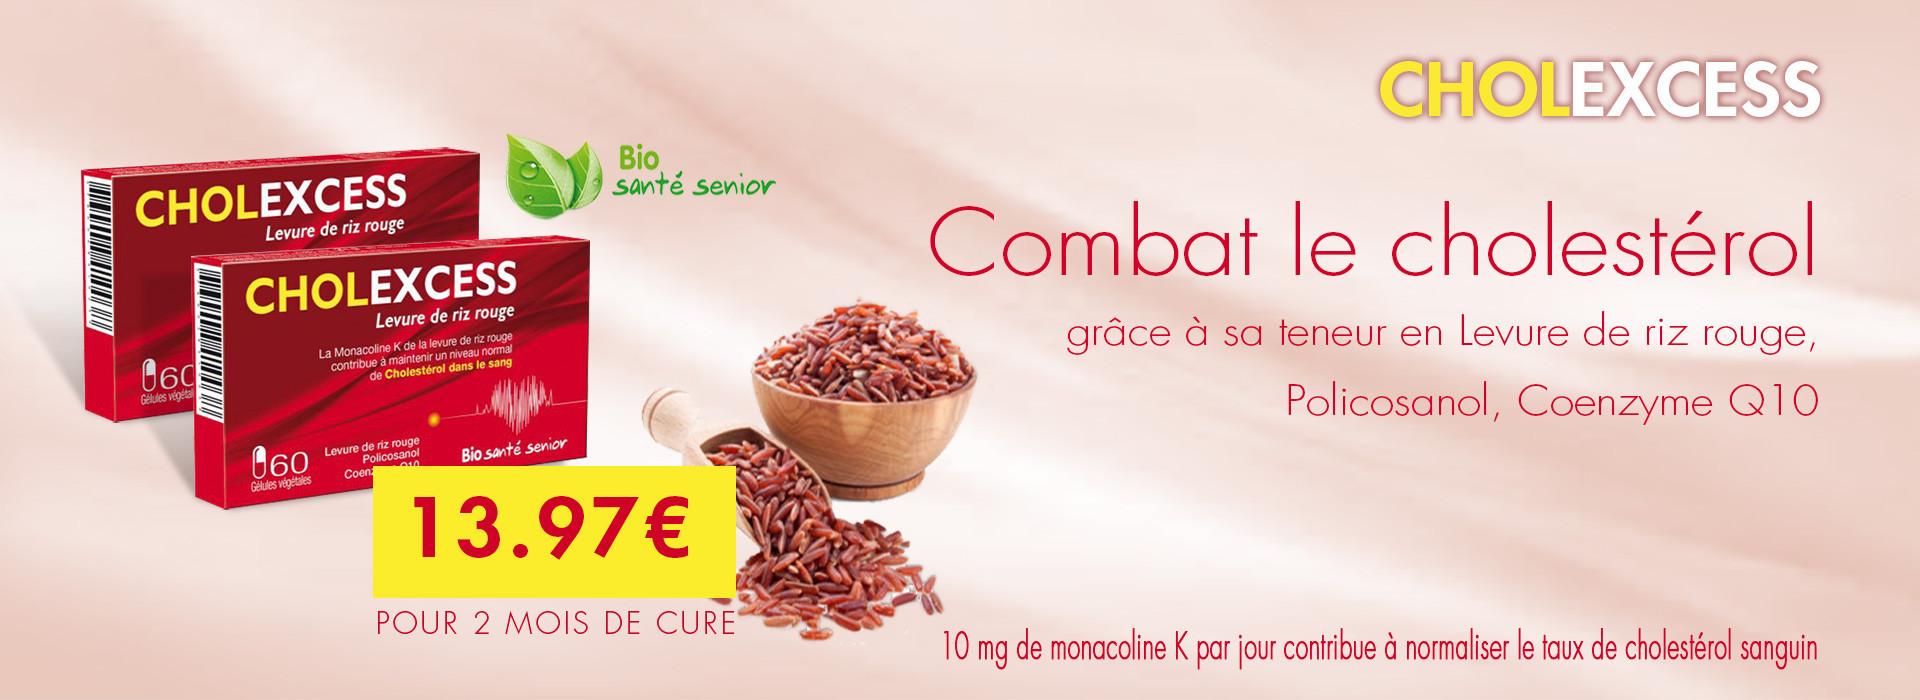 levure de riz rouge cholesterol